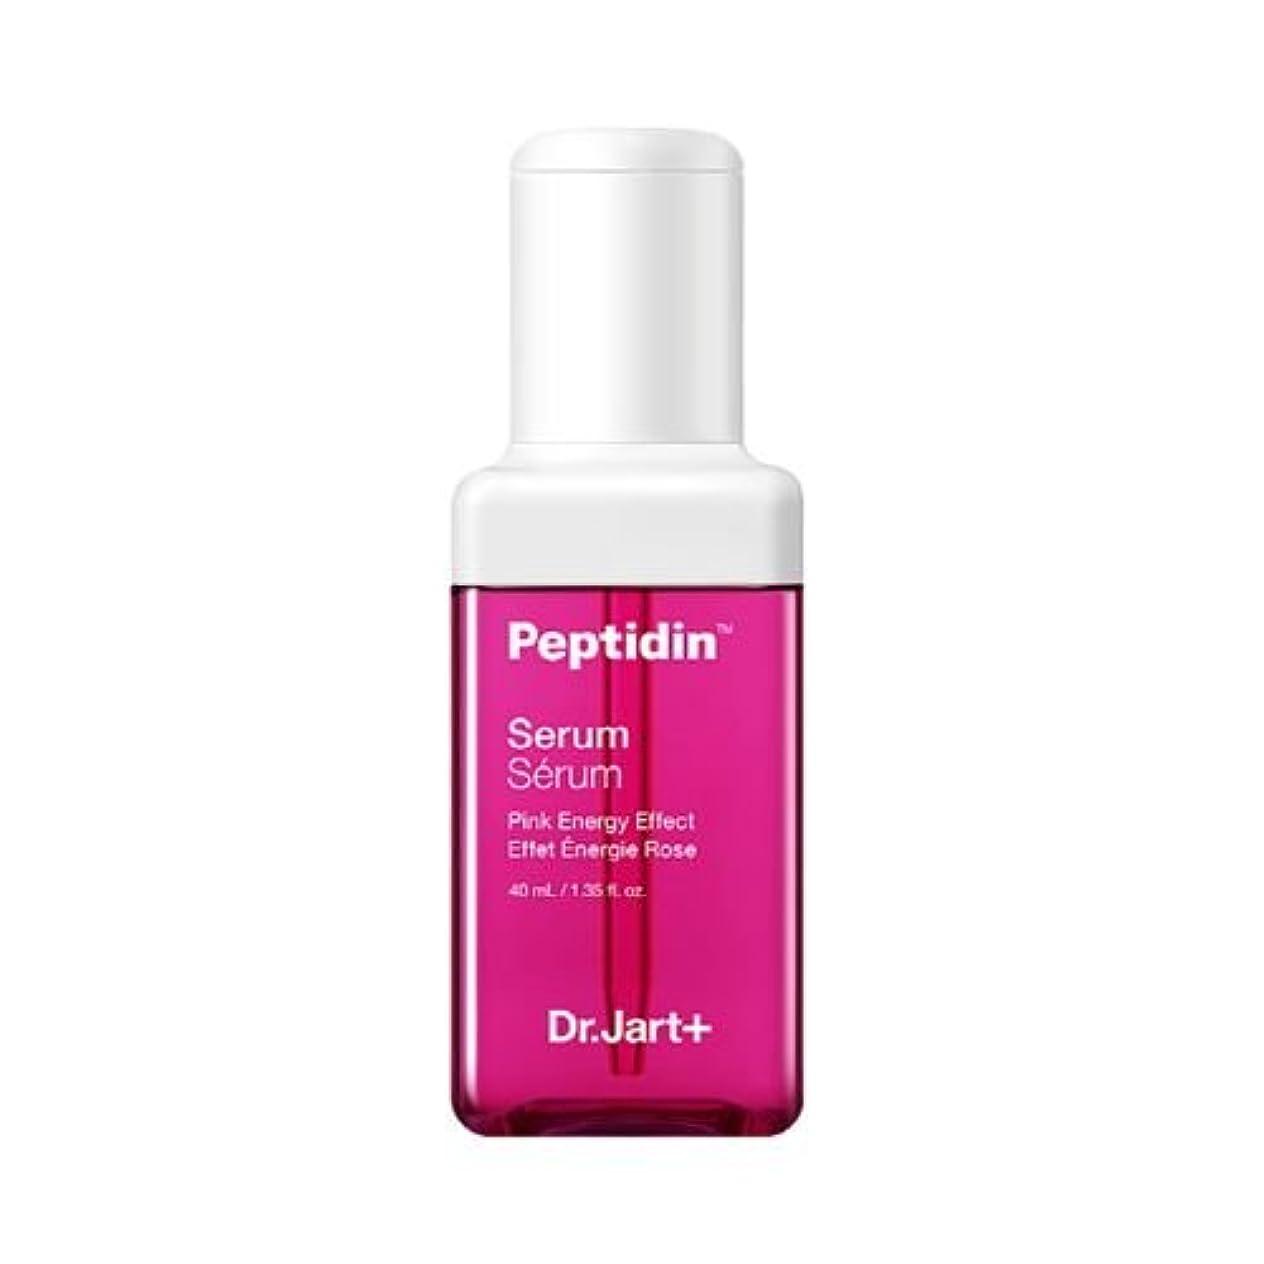 良い丈夫くま[DR Jart] Peptidin serum Pink Energy effect ドクタージャルトペプチドディーン セラムピンクエネルギー 40ml[海外直送品] [並行輸入品]